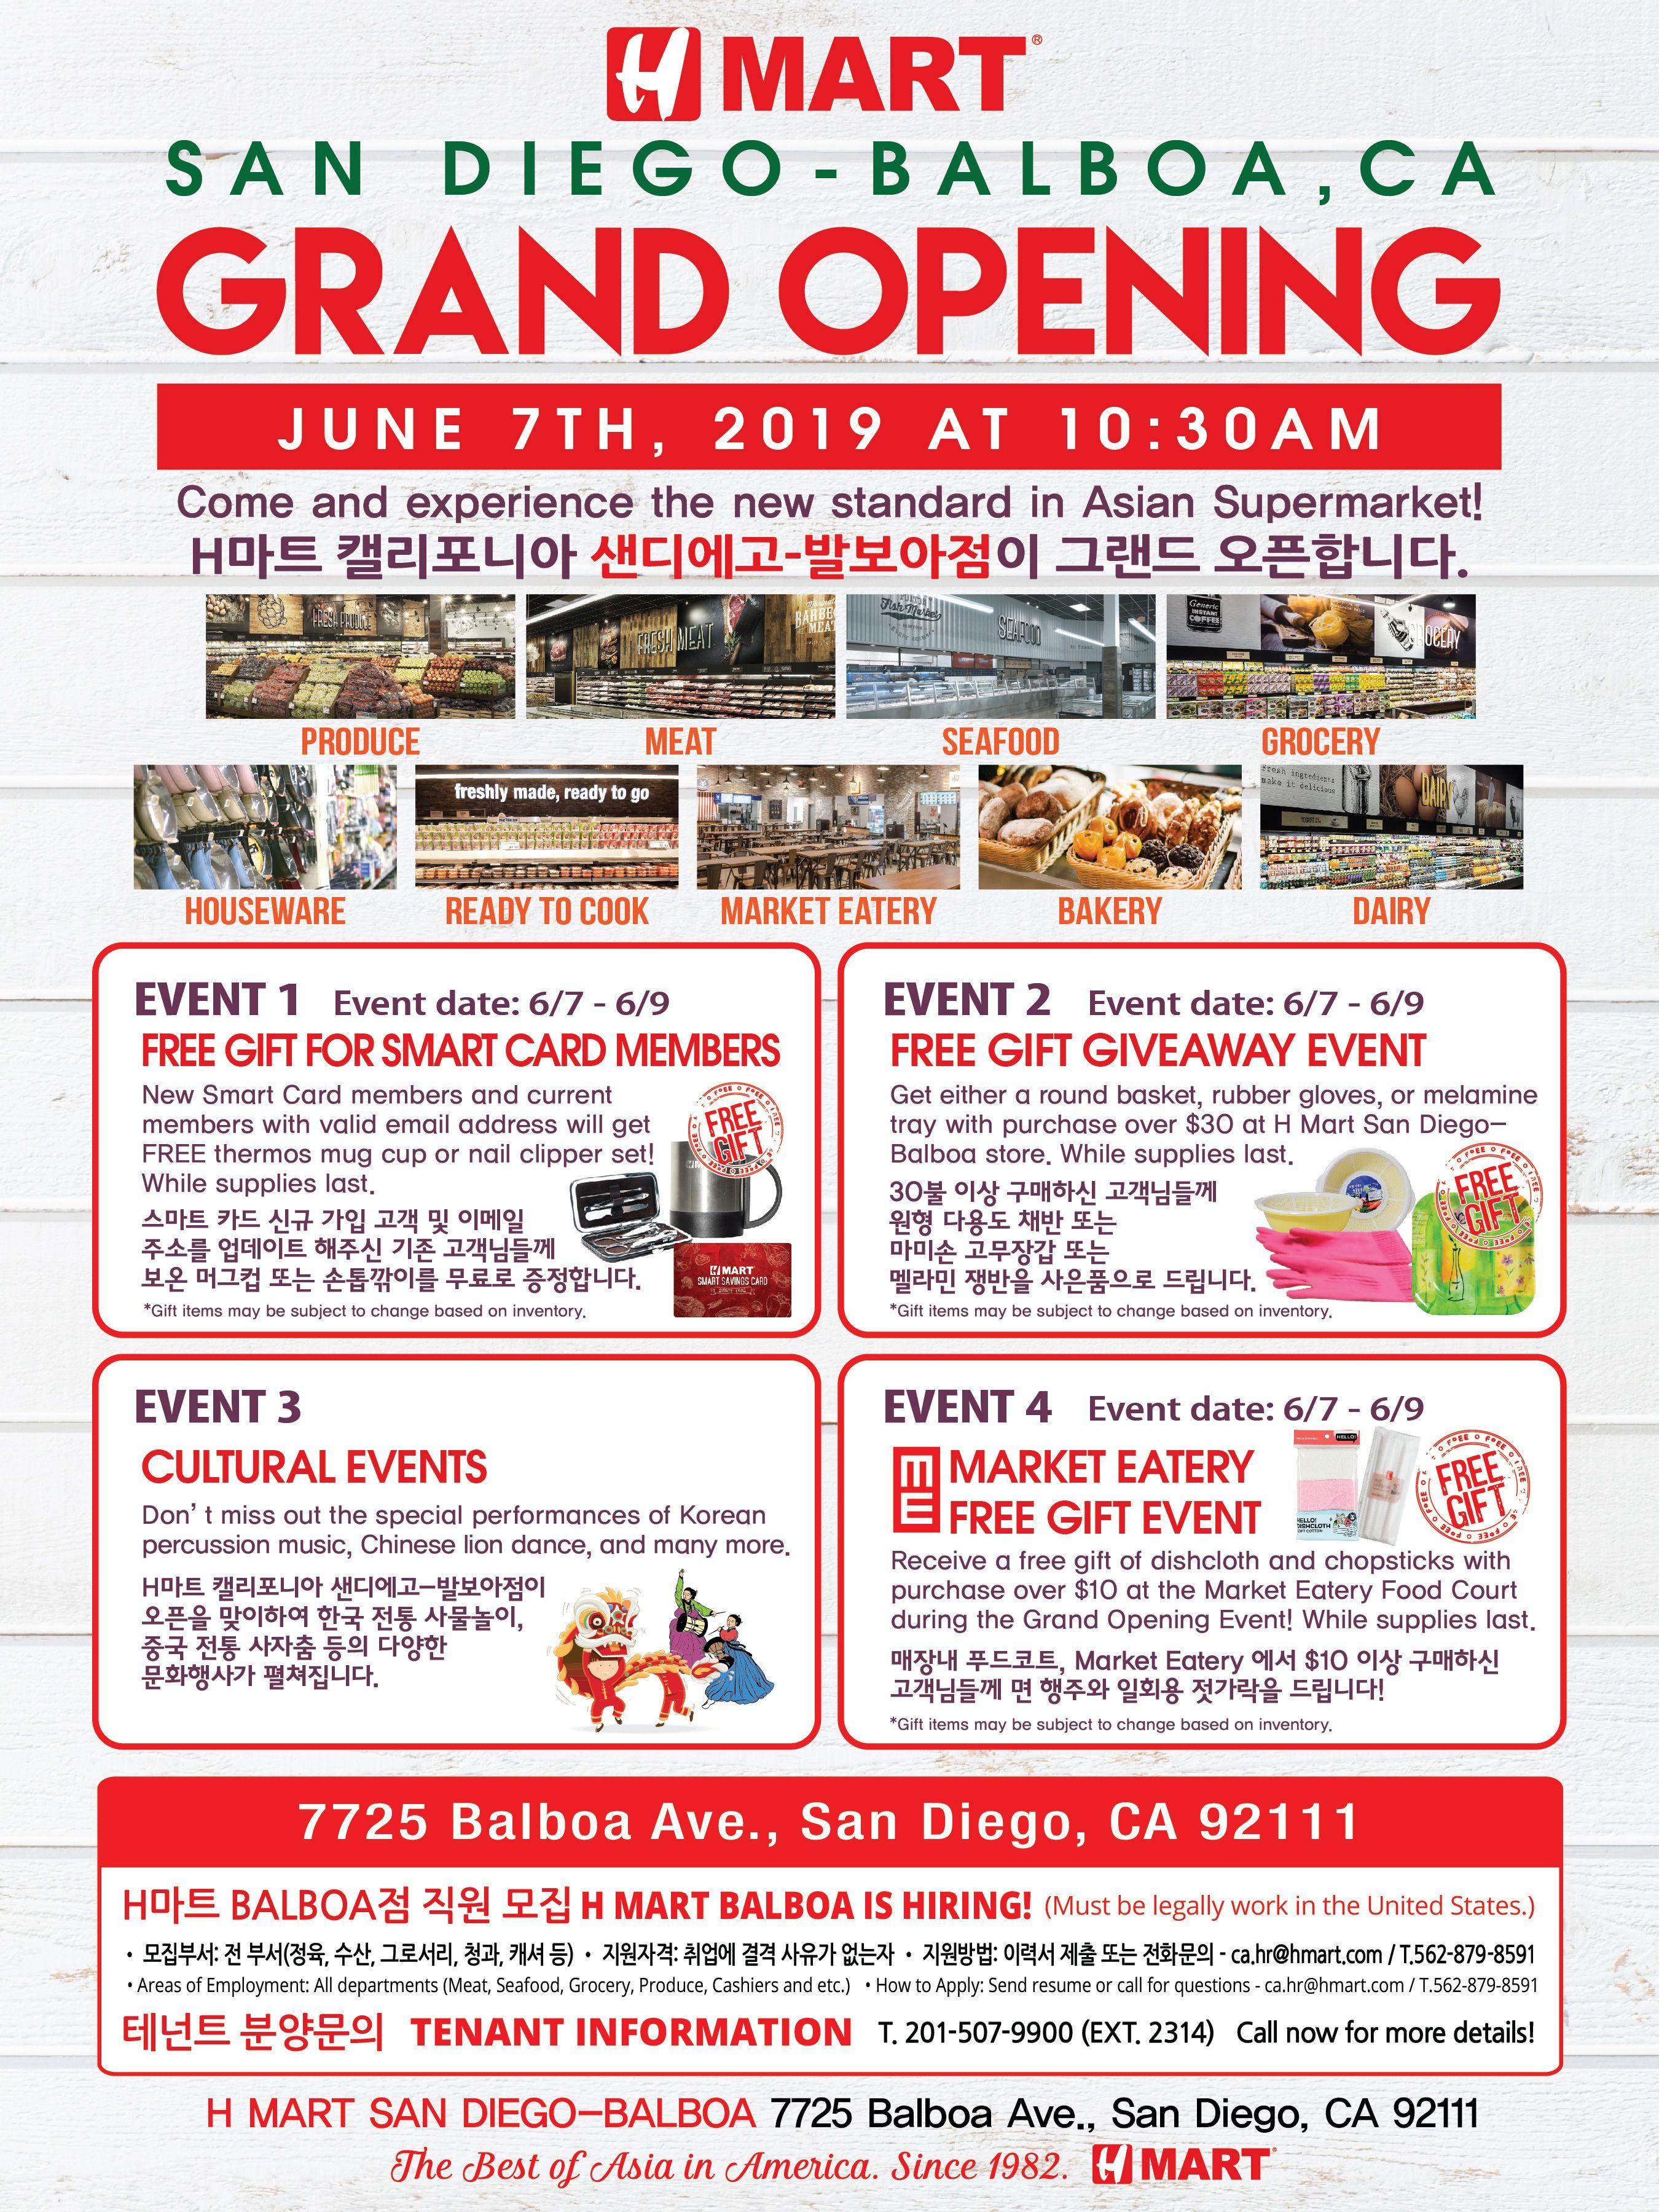 2019 san diego balboa grand opening poster kor_eng 01